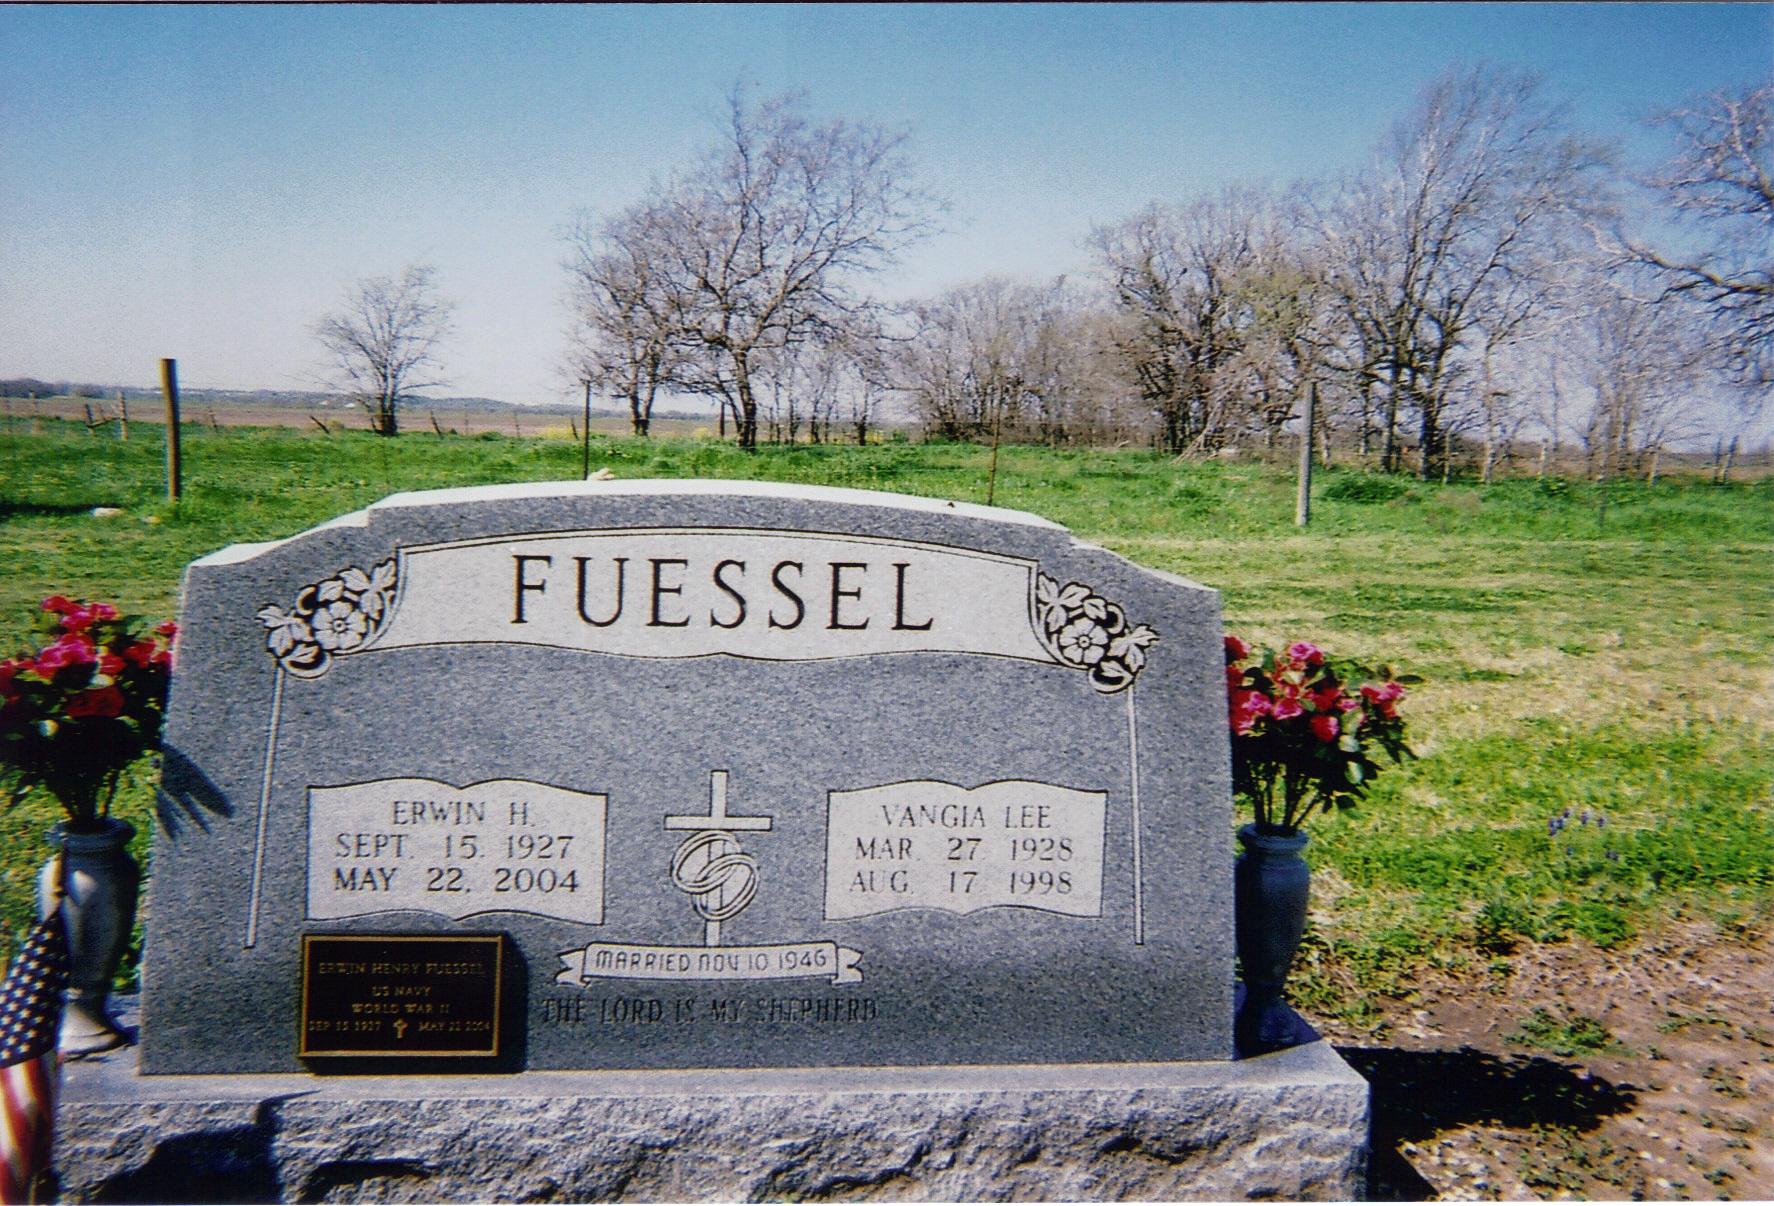 Johann Paul Fuessel